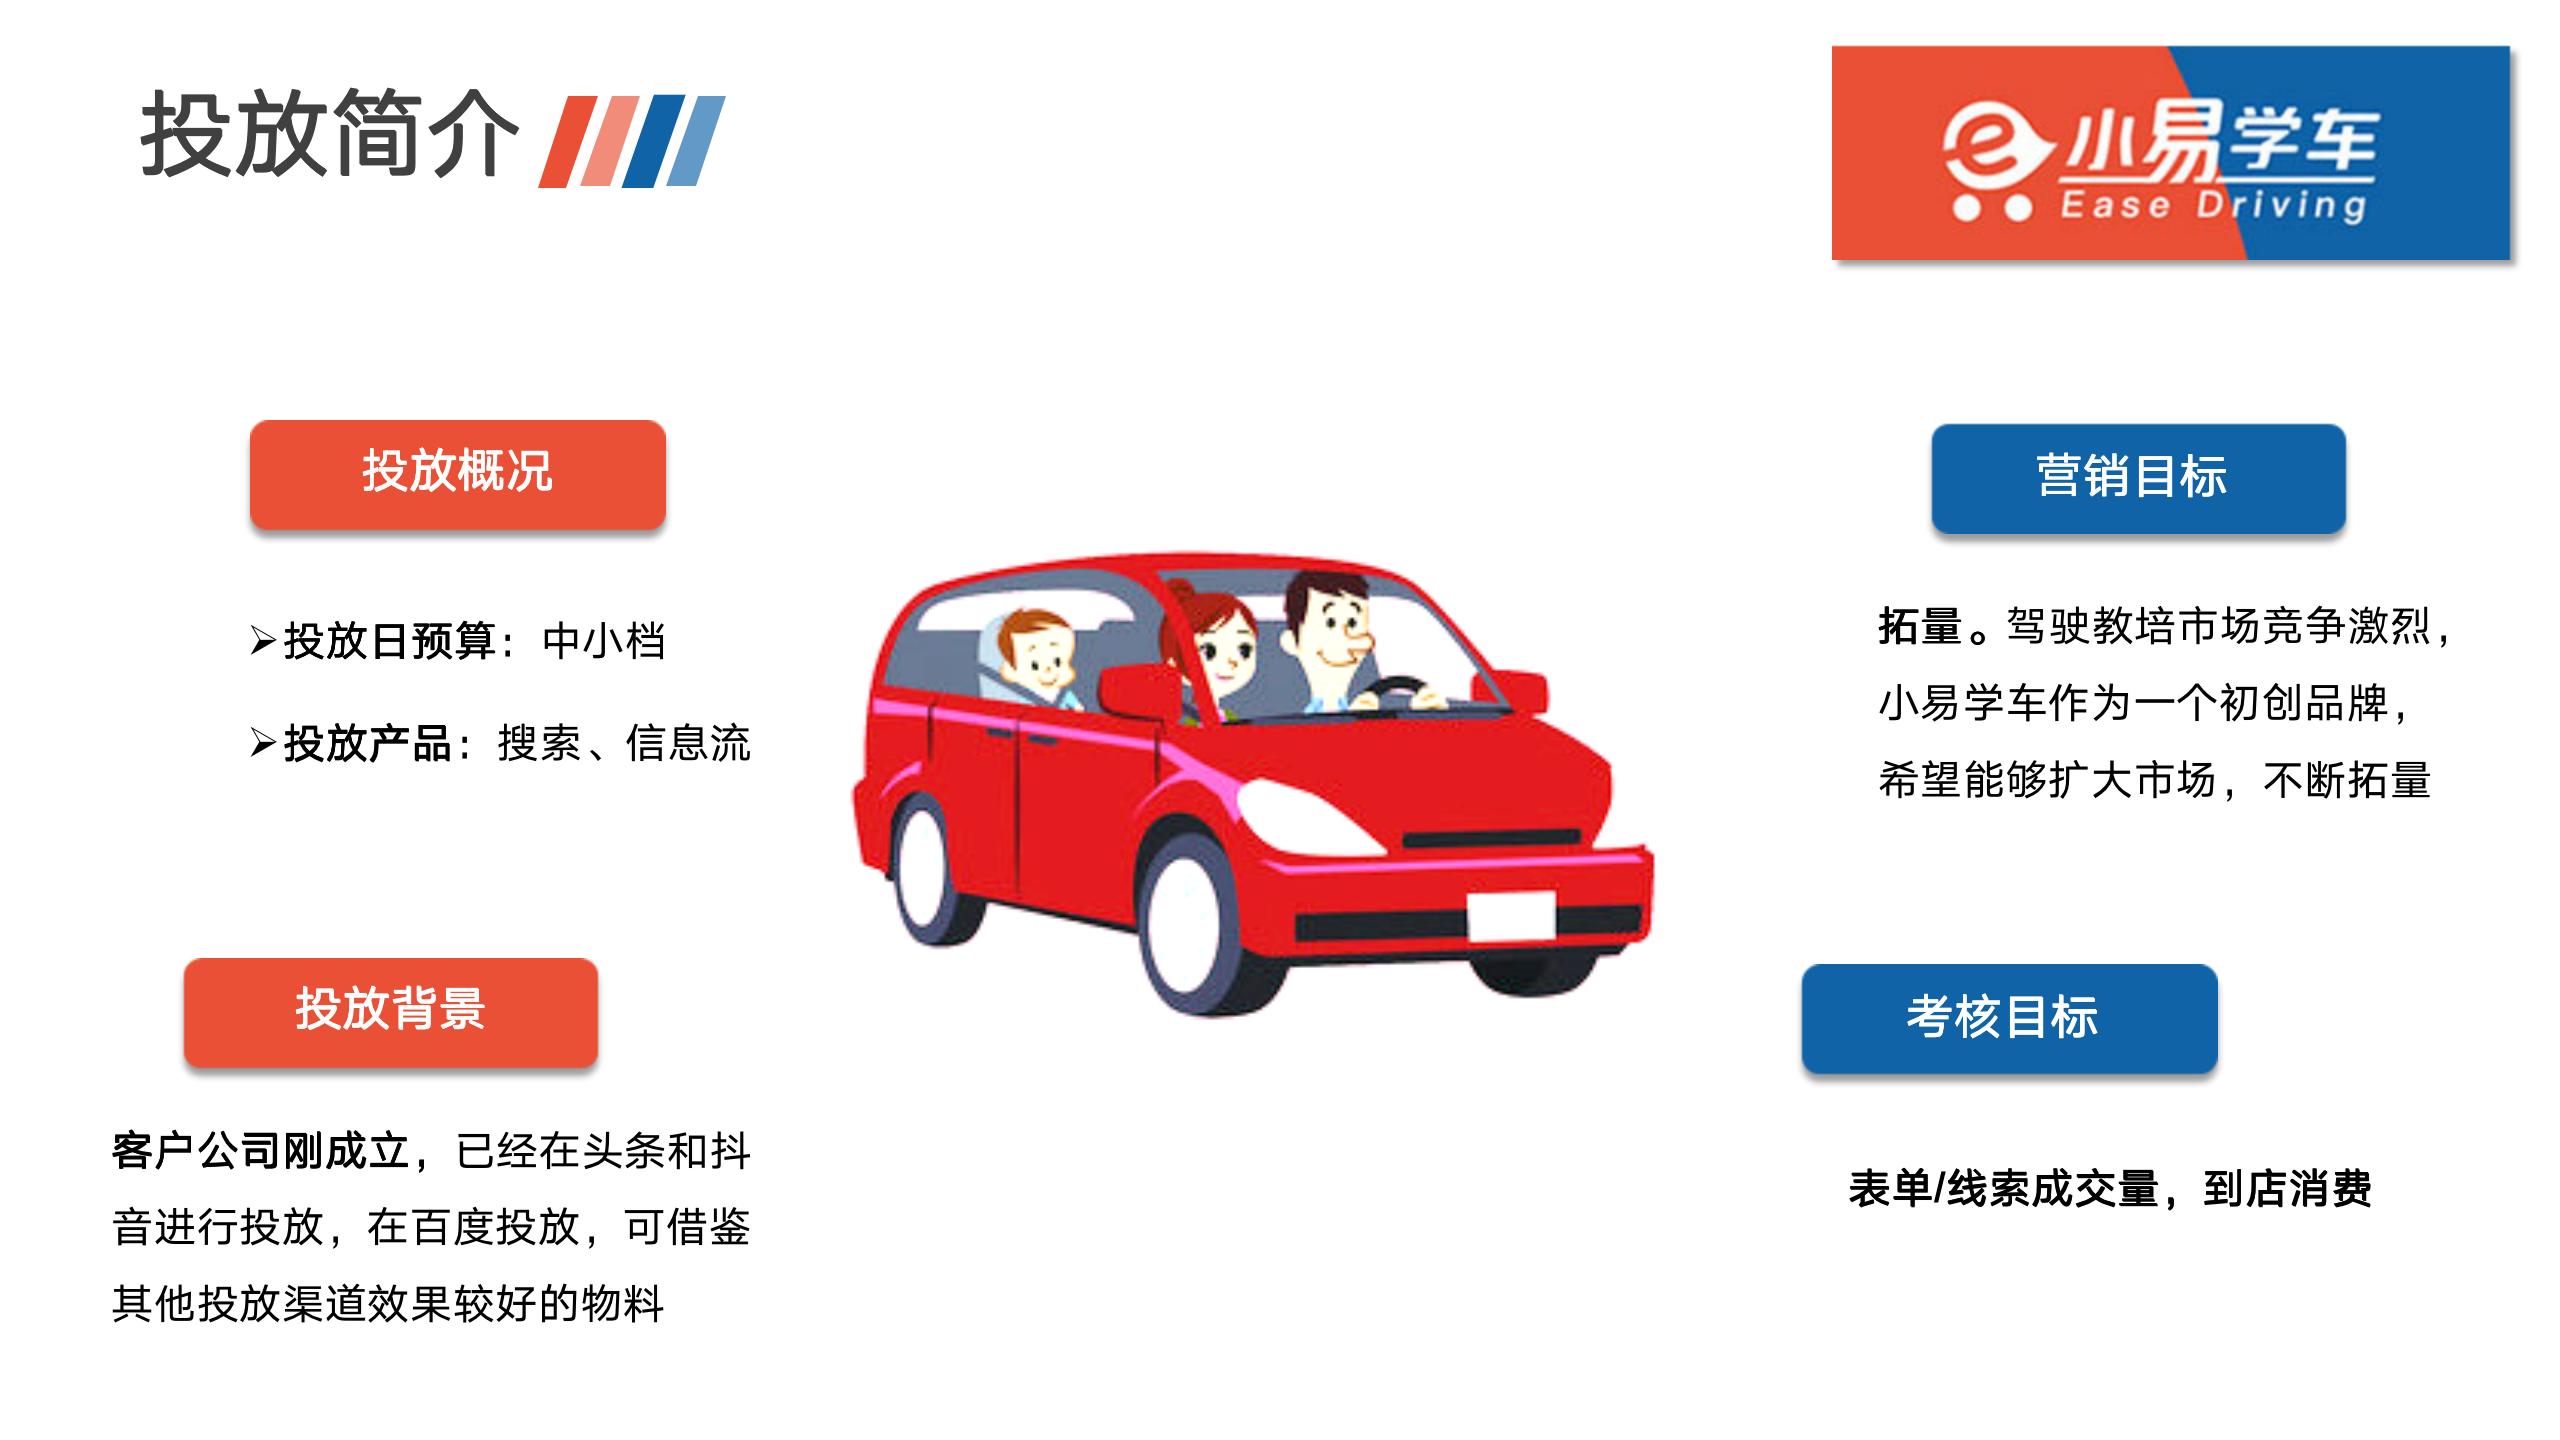 教育培训【直销】上苏-小易学车案例脱敏版未删减._06.png